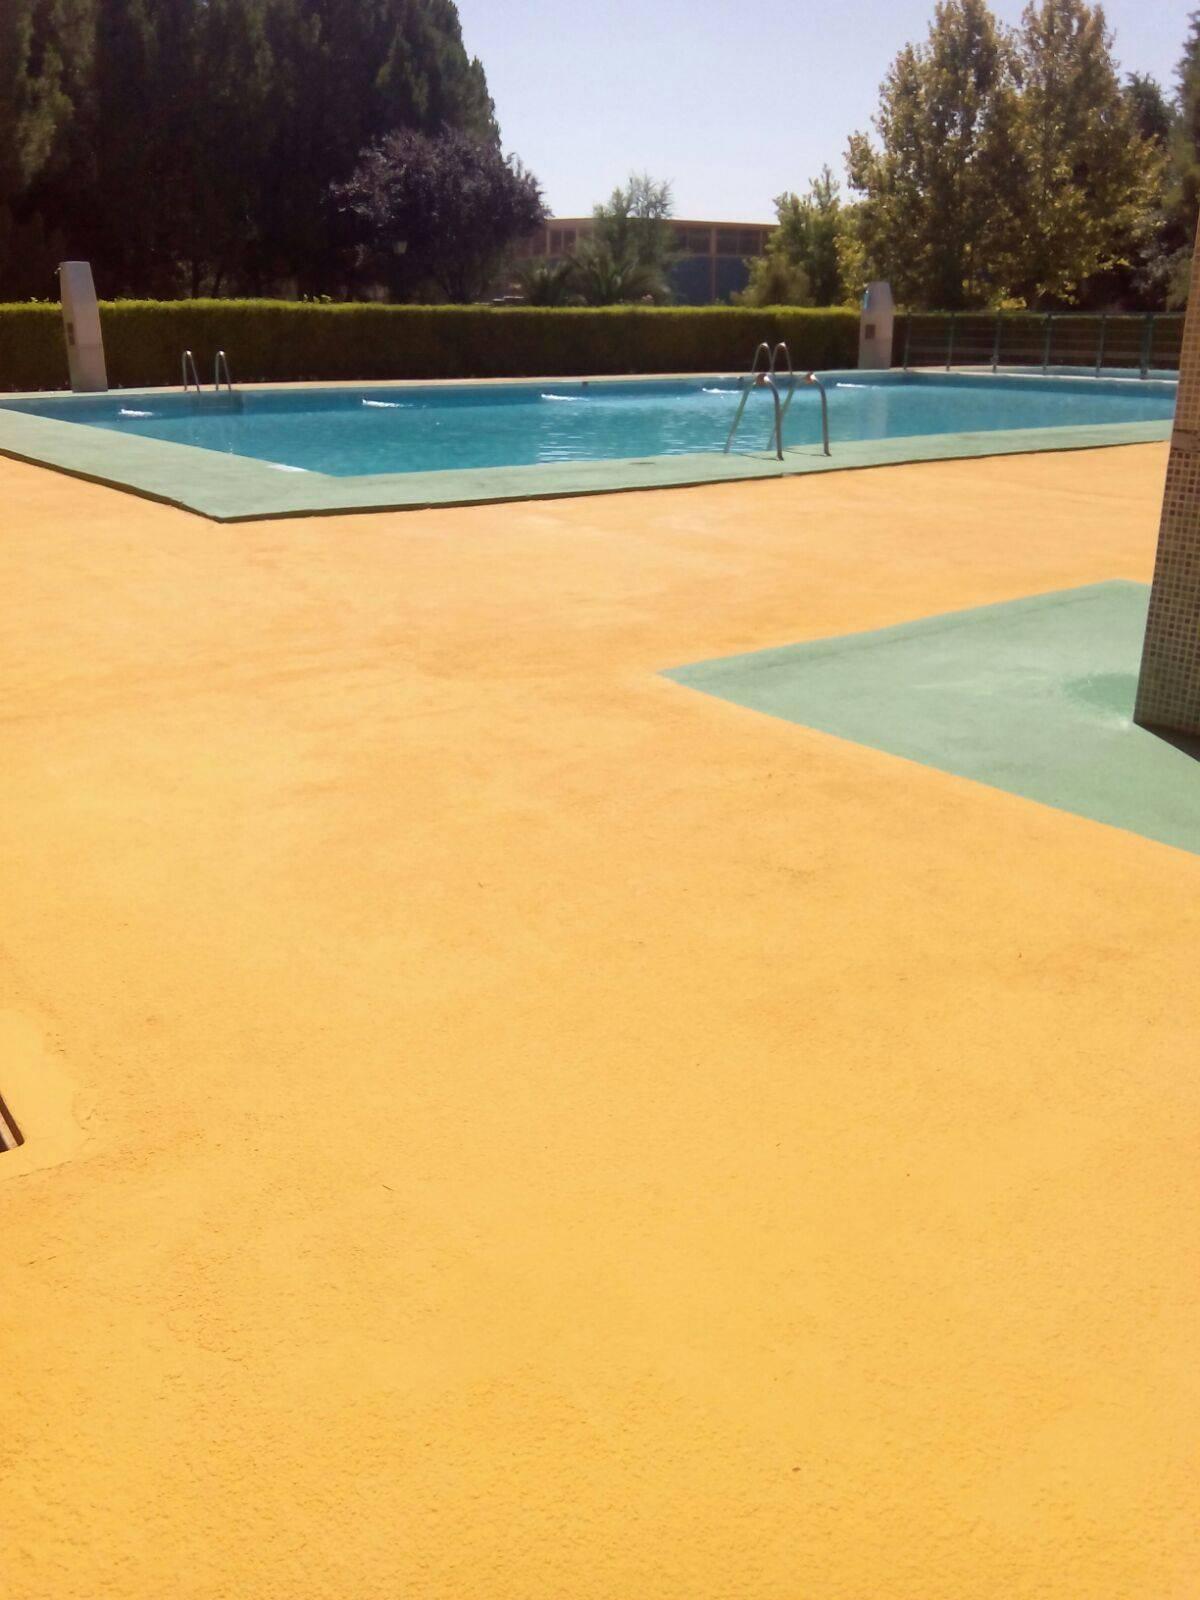 mantenimiento piscina municipal 2017 herencia 2 - La piscina municipal cerrada por mantenimiento en pleno verano